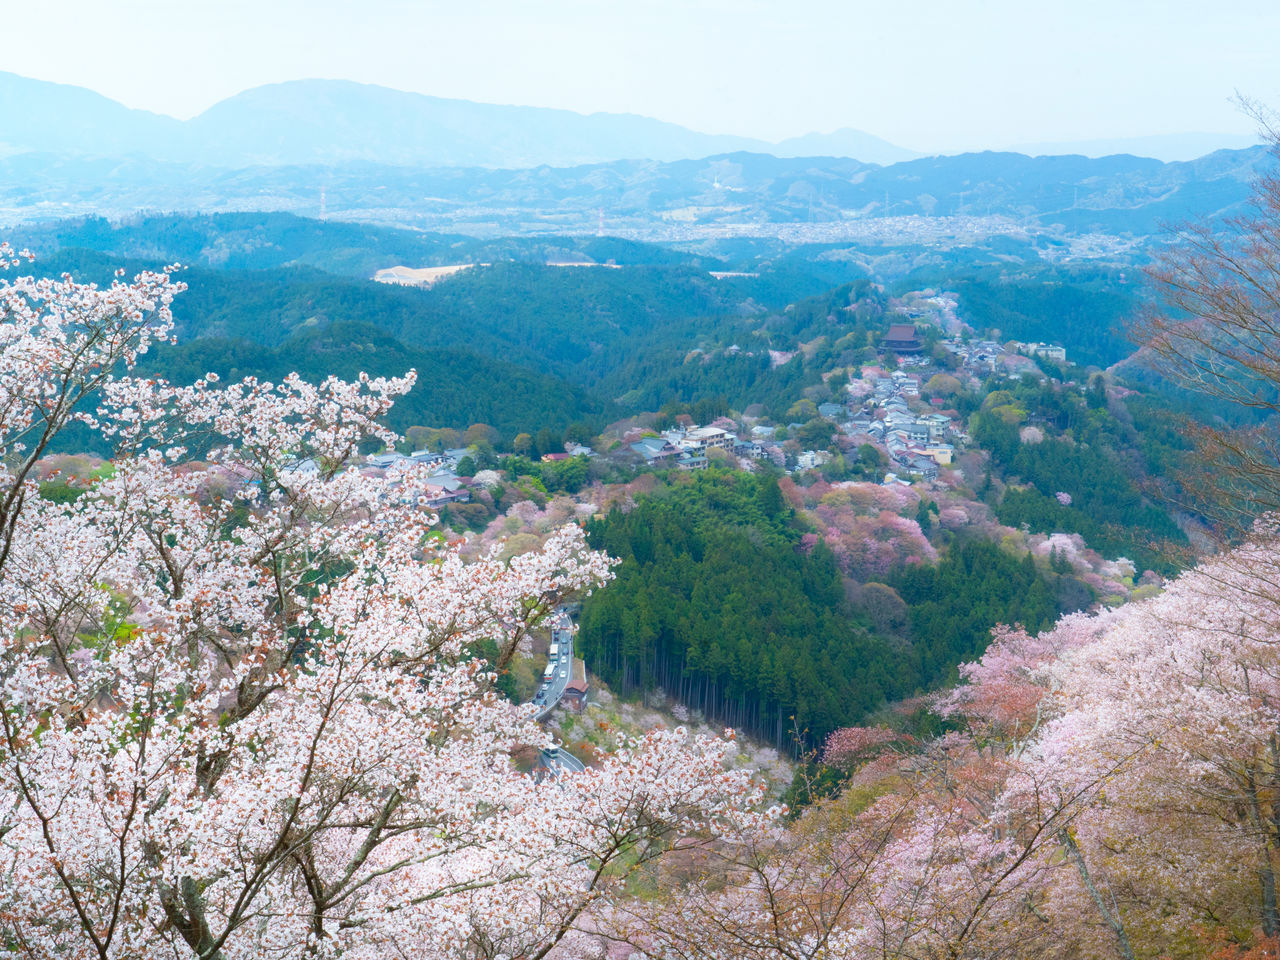 Вид со смотровой площадки Ханаягура, расположенной в 600 метрах над уровнем моря